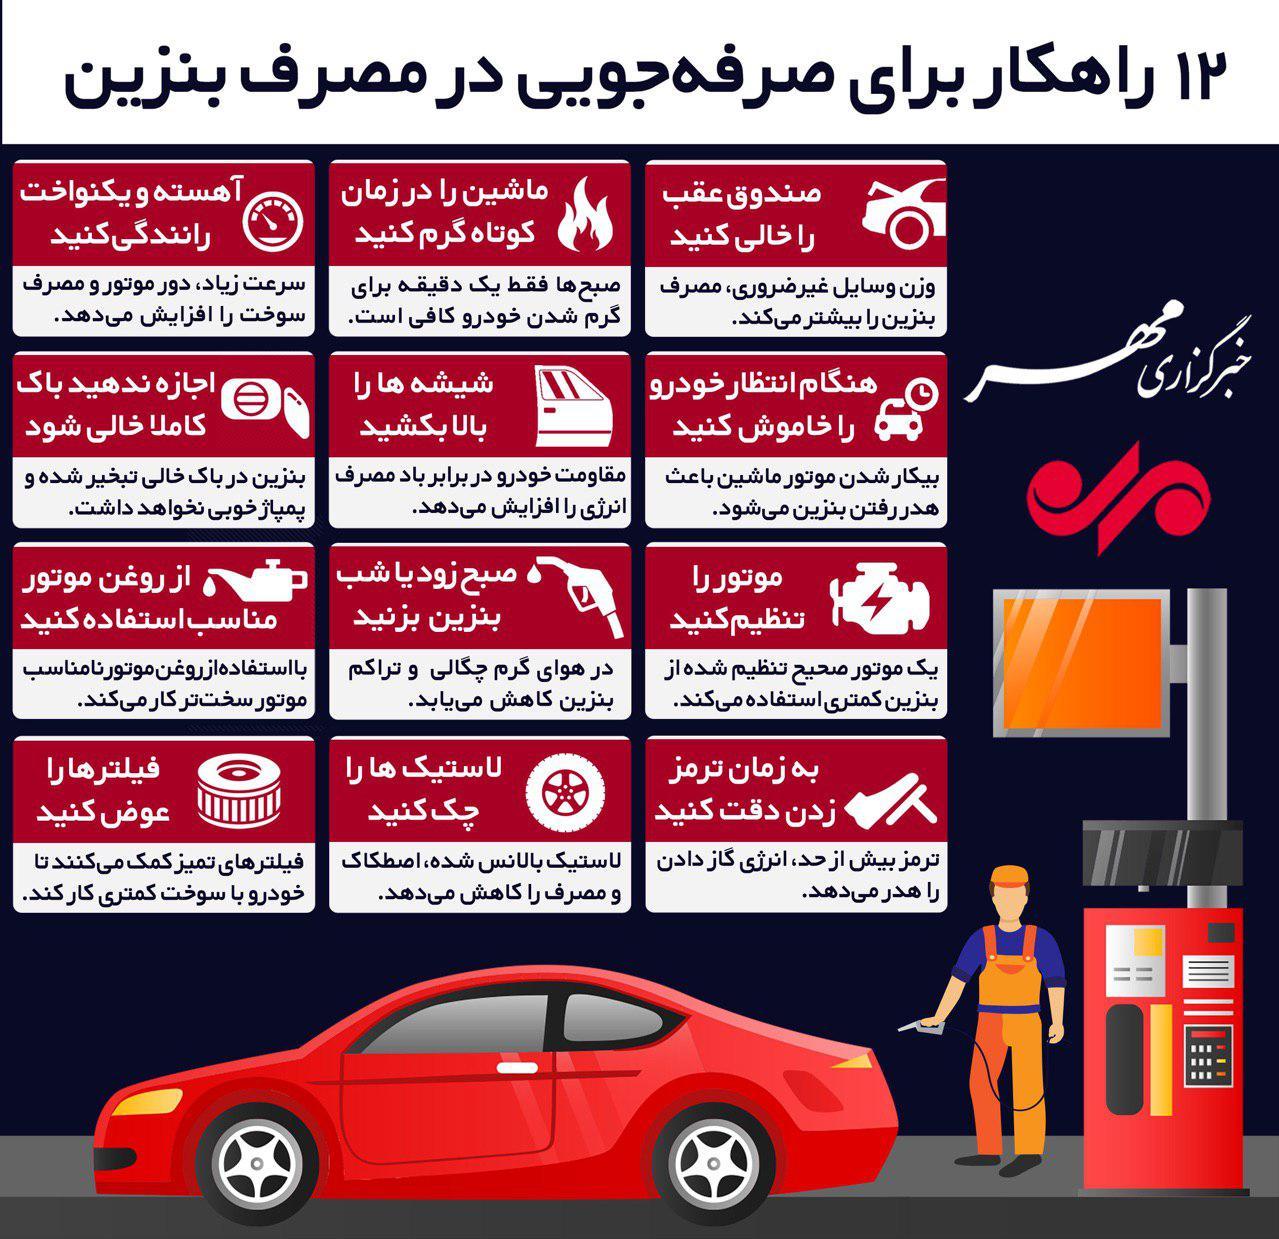 اینفوگرافیکی در خصوص ۱۲ راهکار برای صرفهجویی در مصرف بنزین